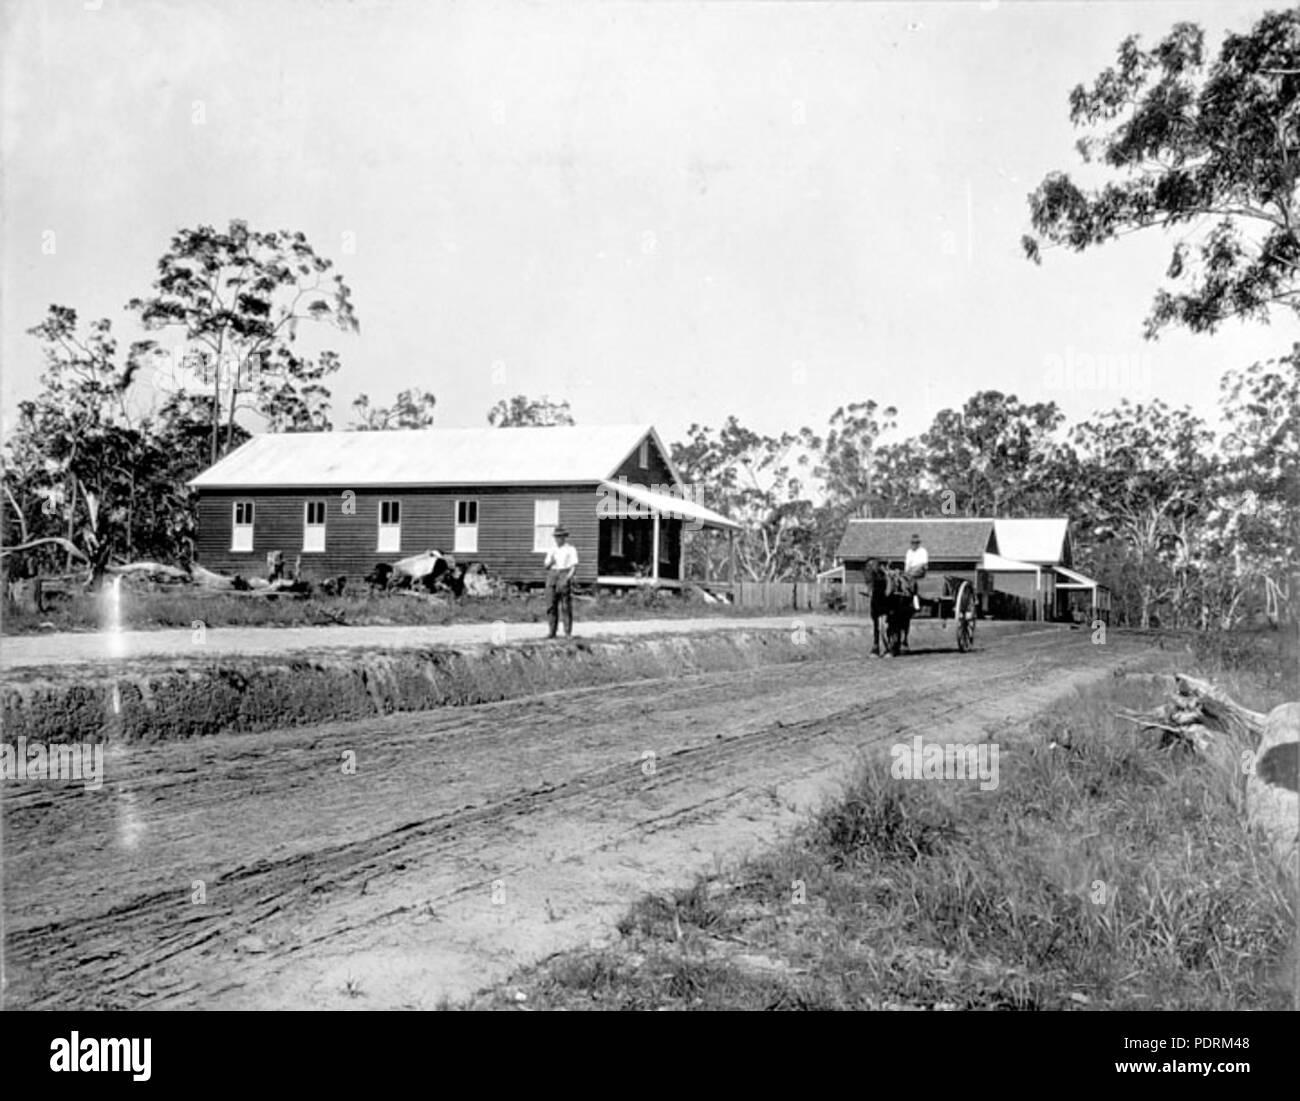 107 Queensland State Archives 2613 Hunter Street Beerburrum October 1918